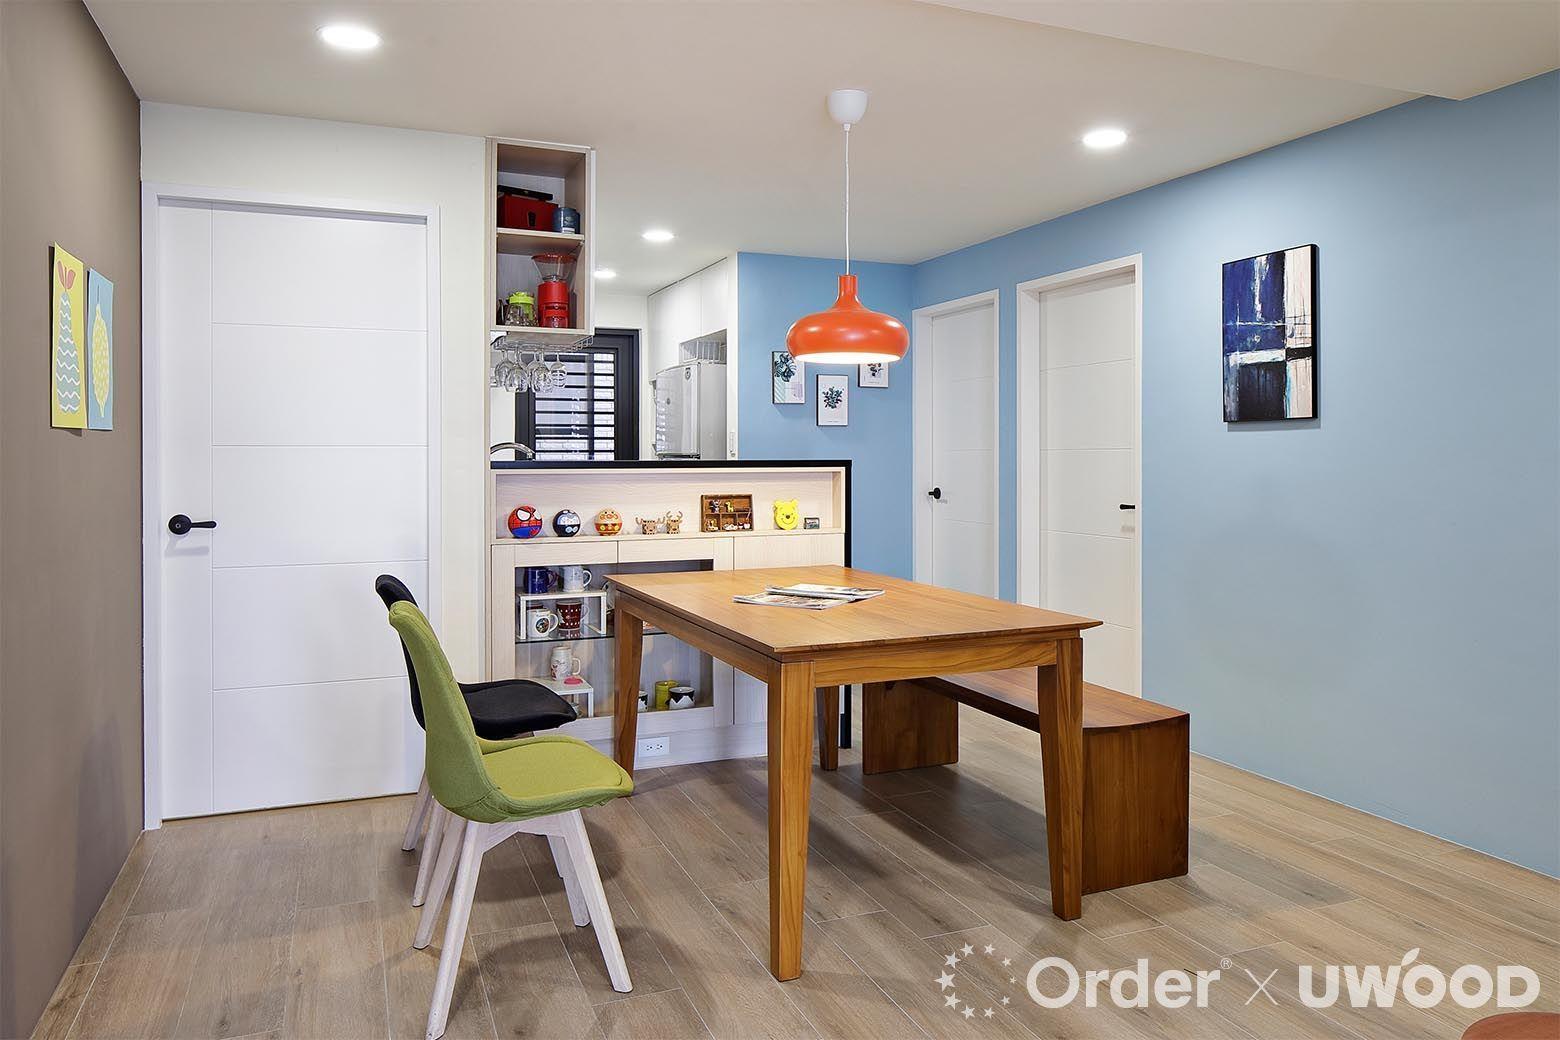 舊屋翻新案例餐廳餐桌收納功能